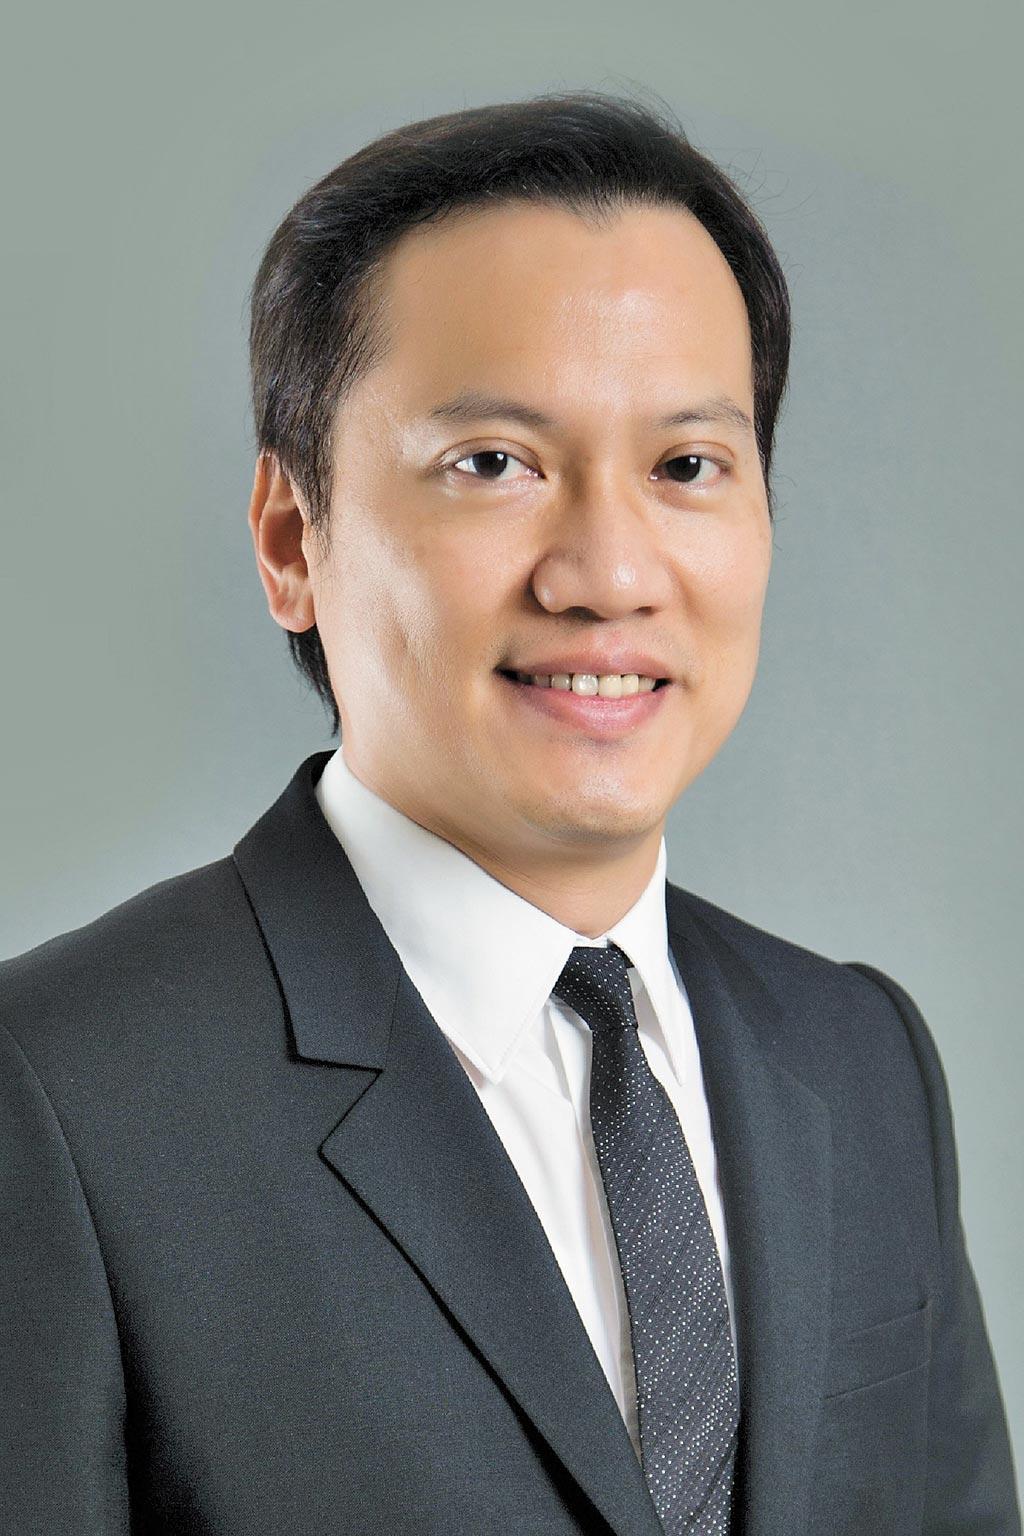 傅文芳(安永聯合會計師事務所長)